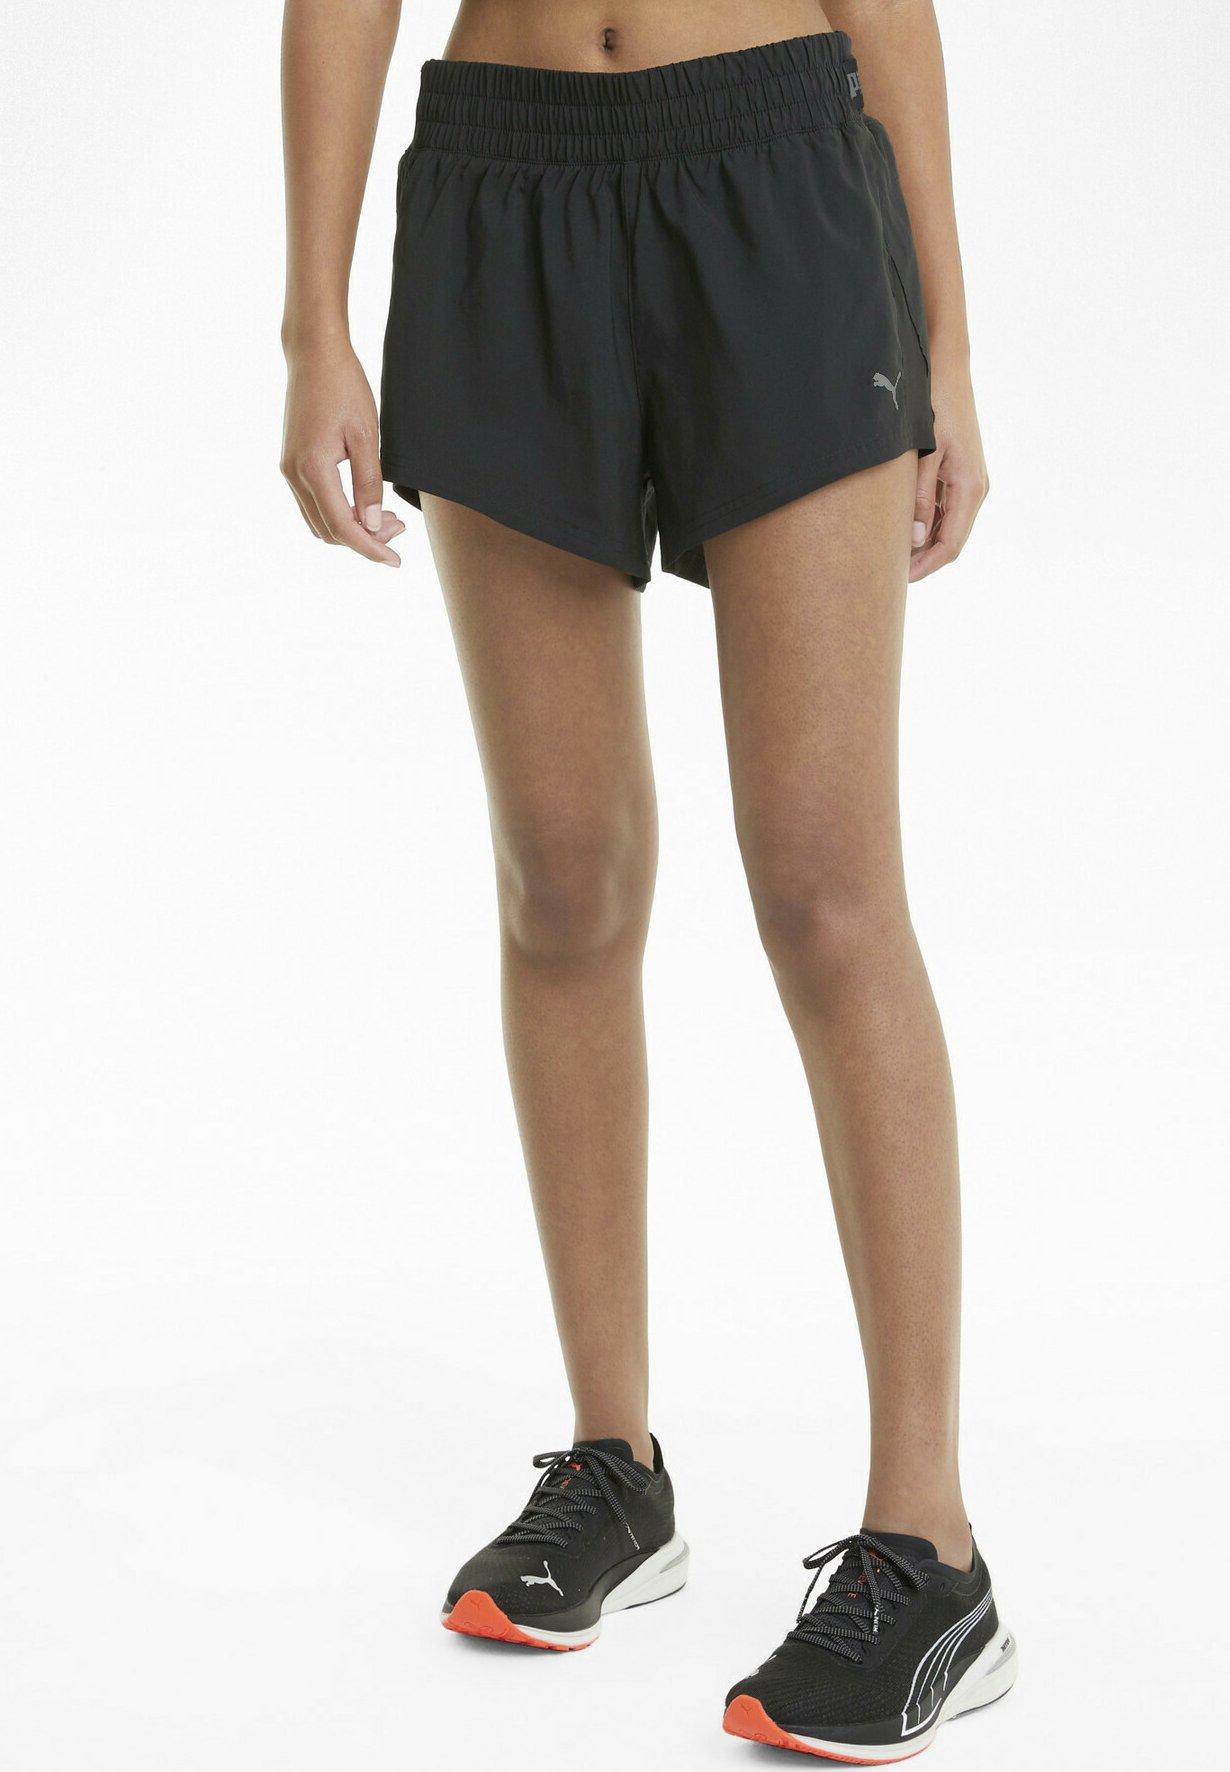 Damen RUN COOLADAPT  - kurze Sporthose